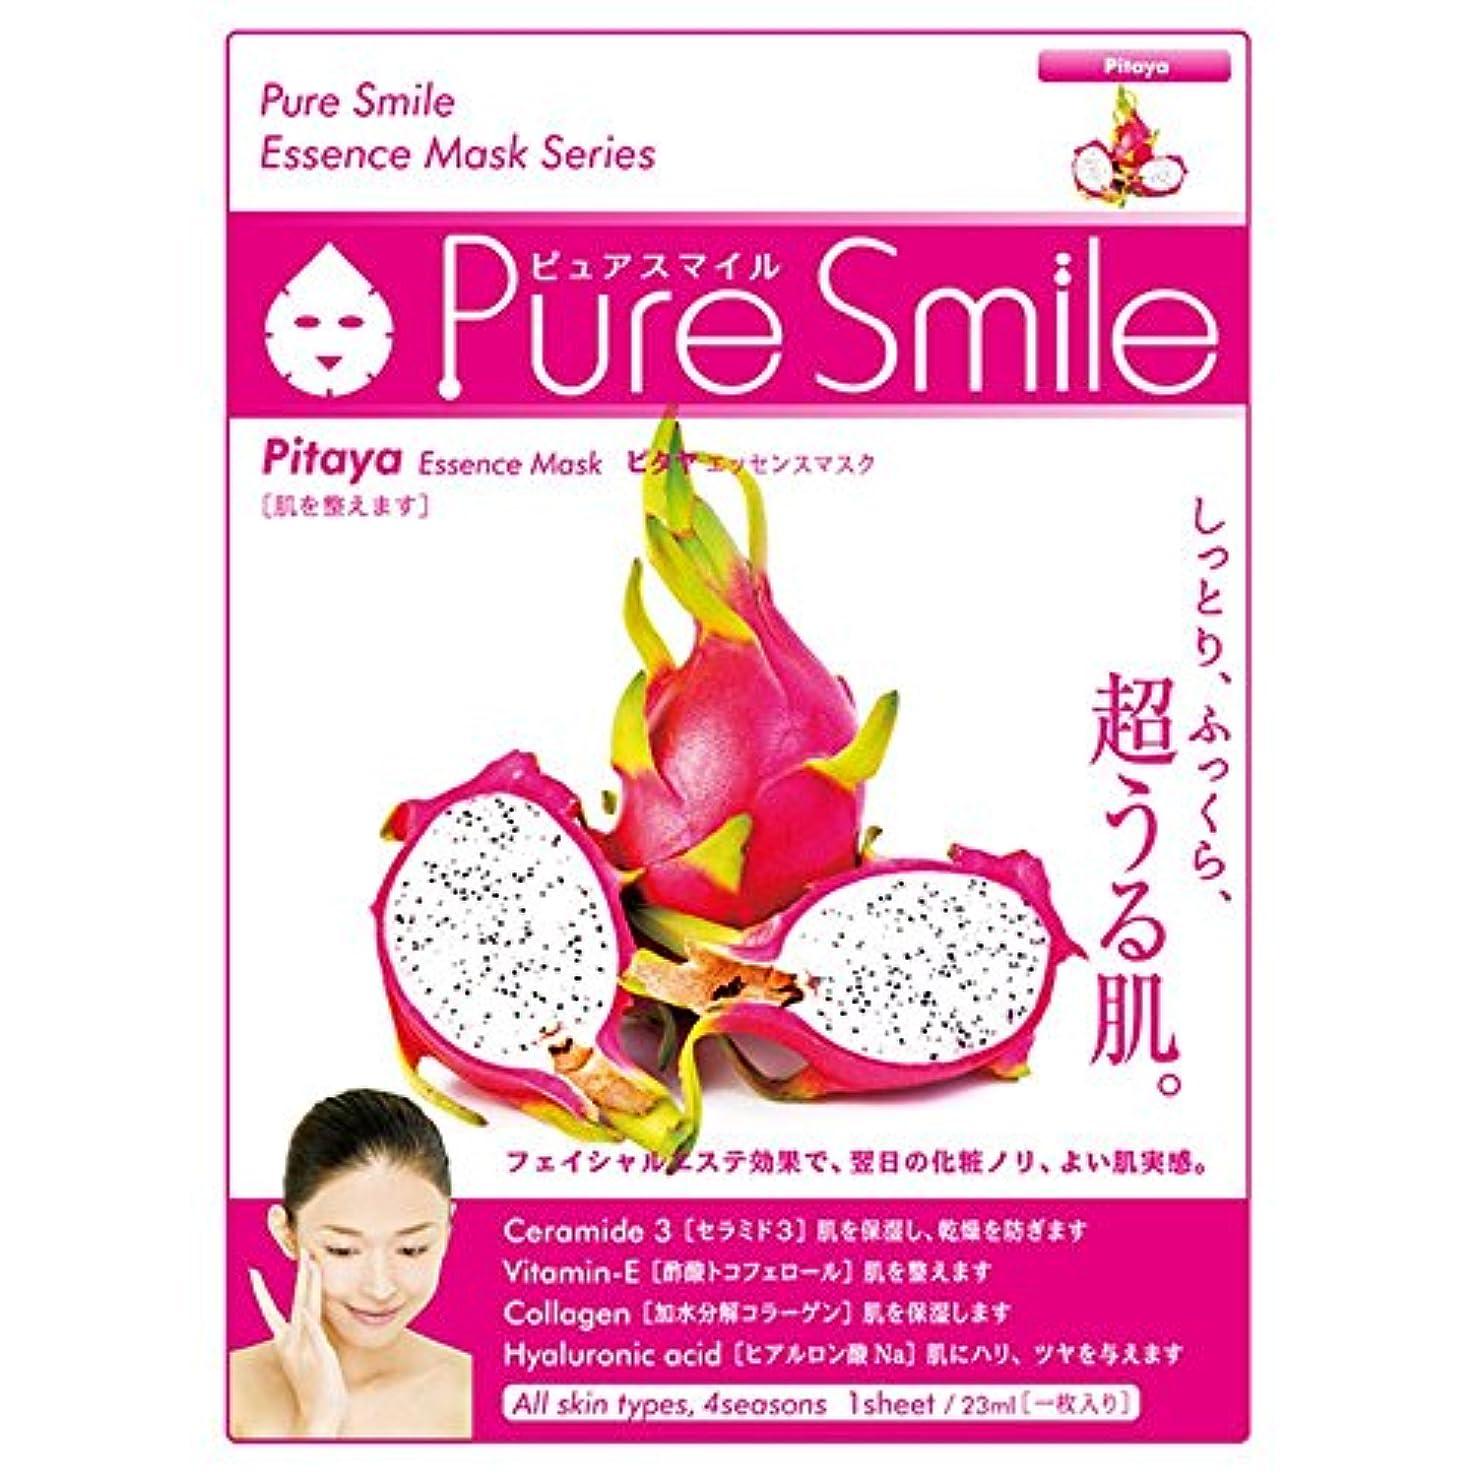 冒険者を除く飛ぶPure Smile/ピュアスマイル エッセンス/フェイスマスク 『Pitaya/ピタヤ(ドラゴンフルーツ)』